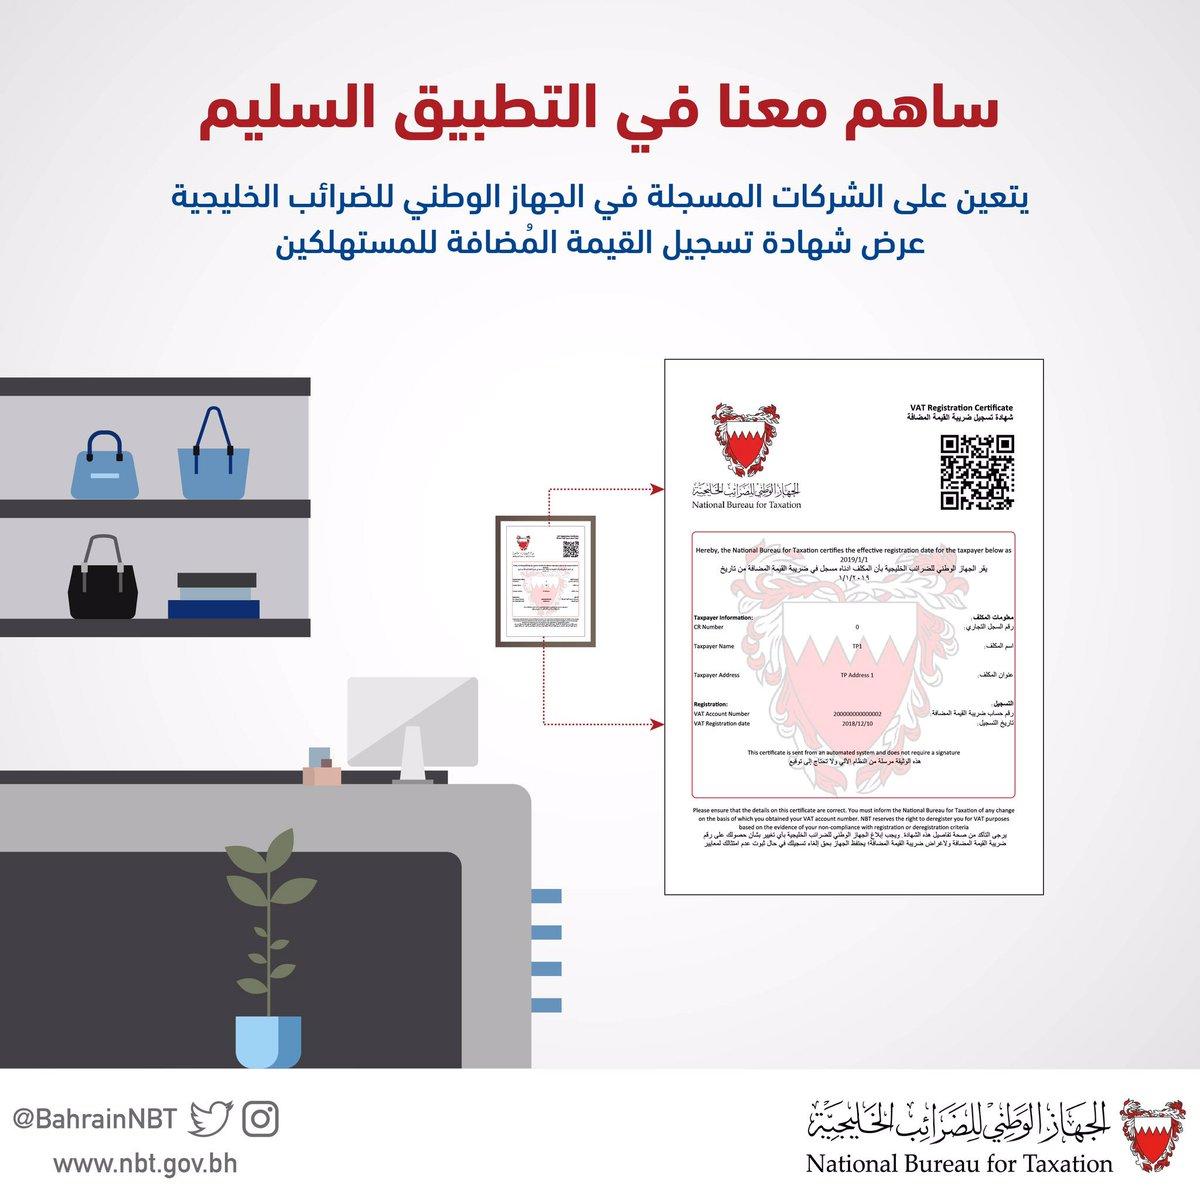 كيف يتم تحصيل ضريبة القيمة المضافة في البحرين معلومات مباشر